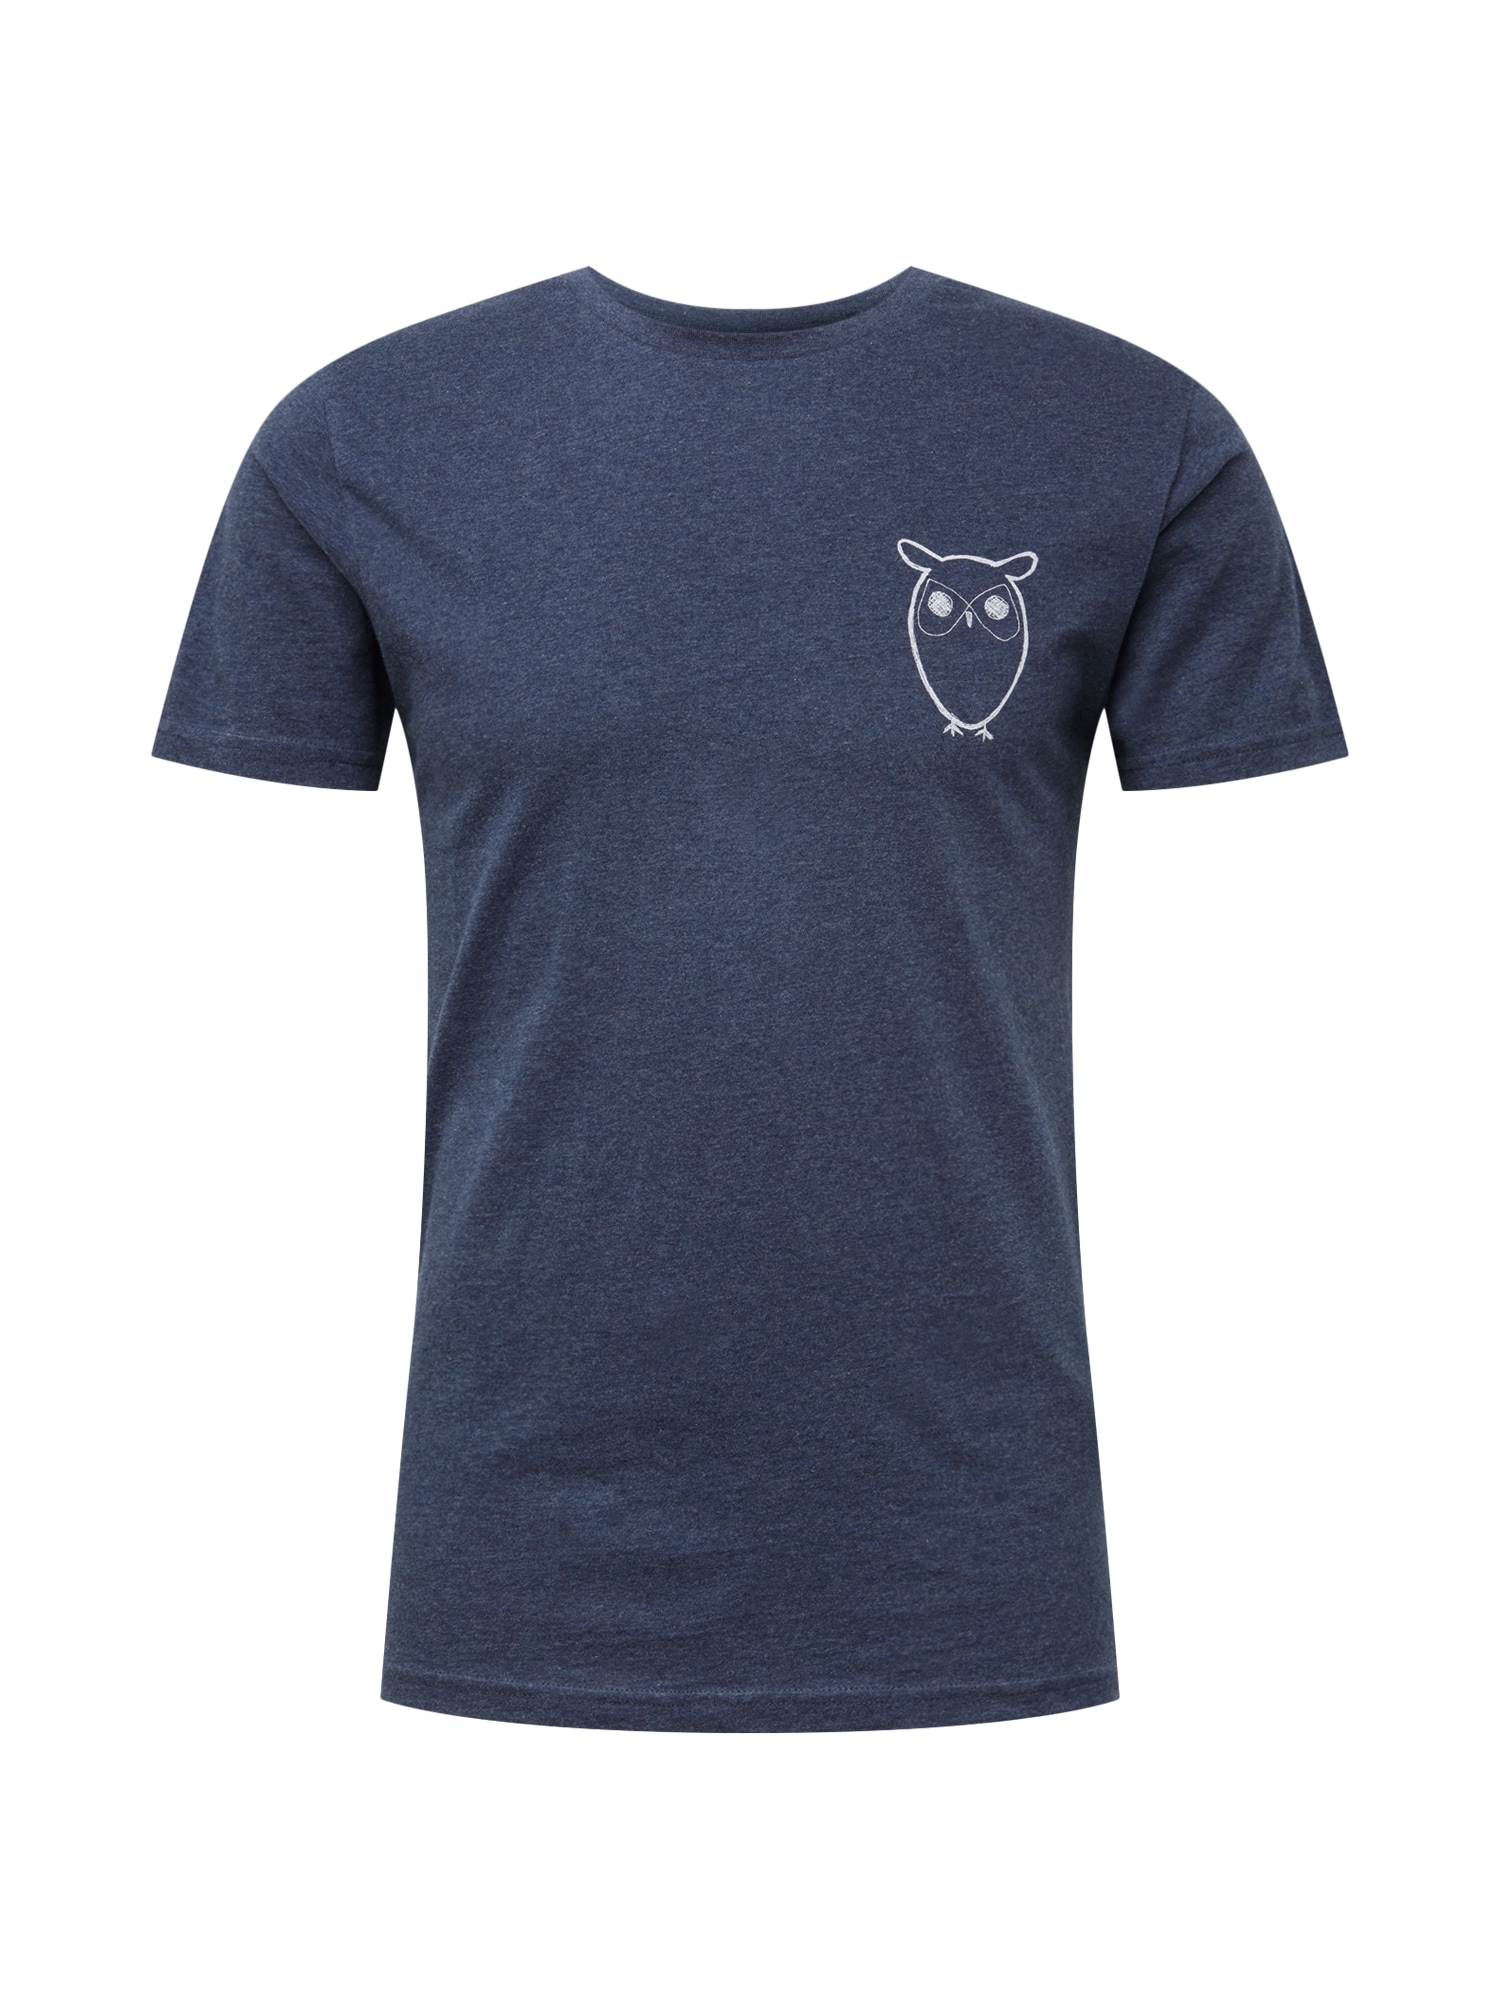 Tričko noční modrá KnowledgeCotton Apparel